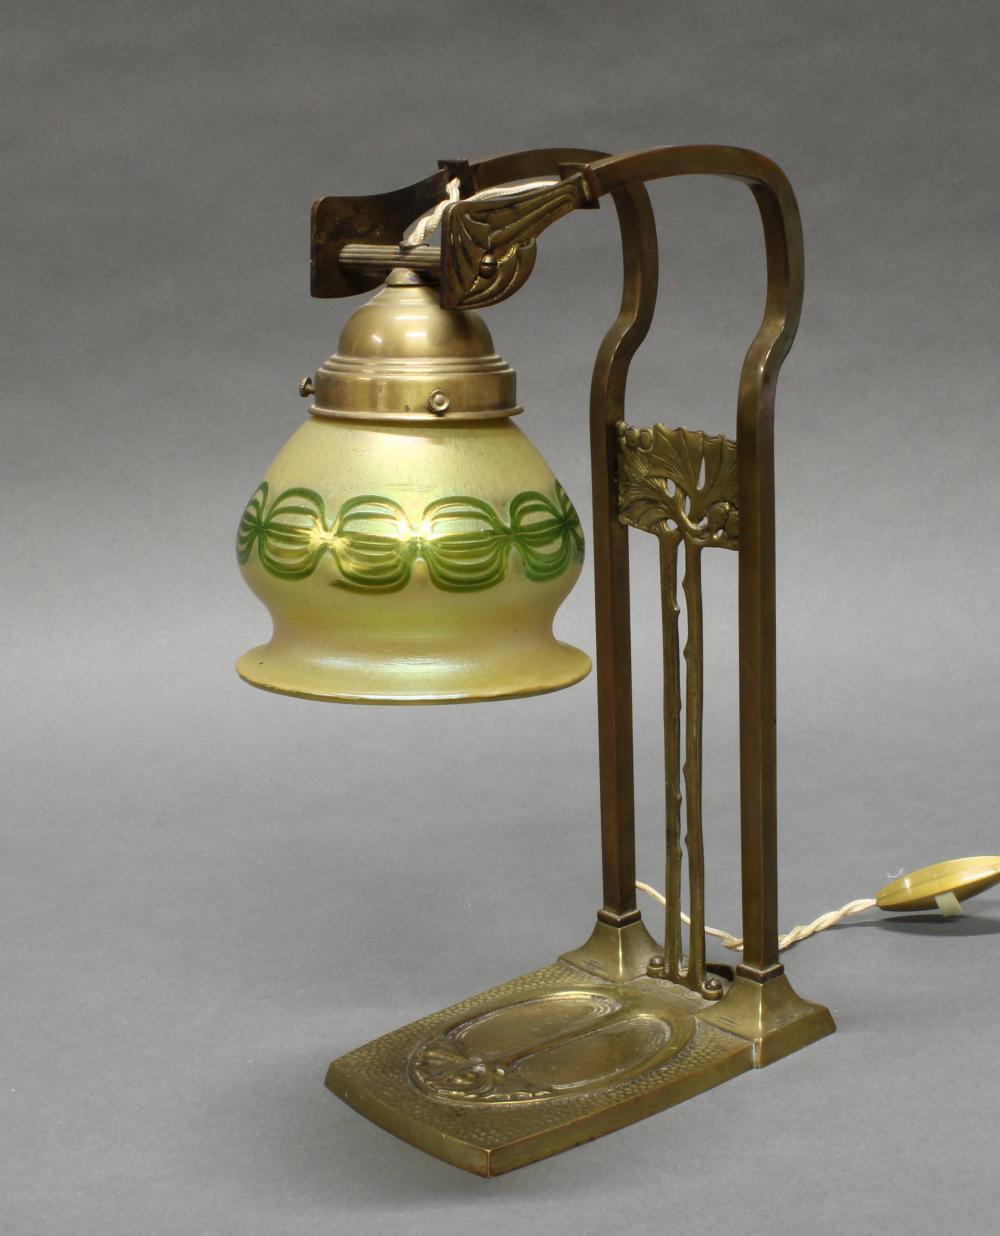 Tischlampe, Jugendstil, 1920er Jahre, Messinggestell vegetabil verziert, gelblich-grüner Glasschirm irisierend, 32 cm hoch, Elektrik ungeprüft, fehlende Schraube